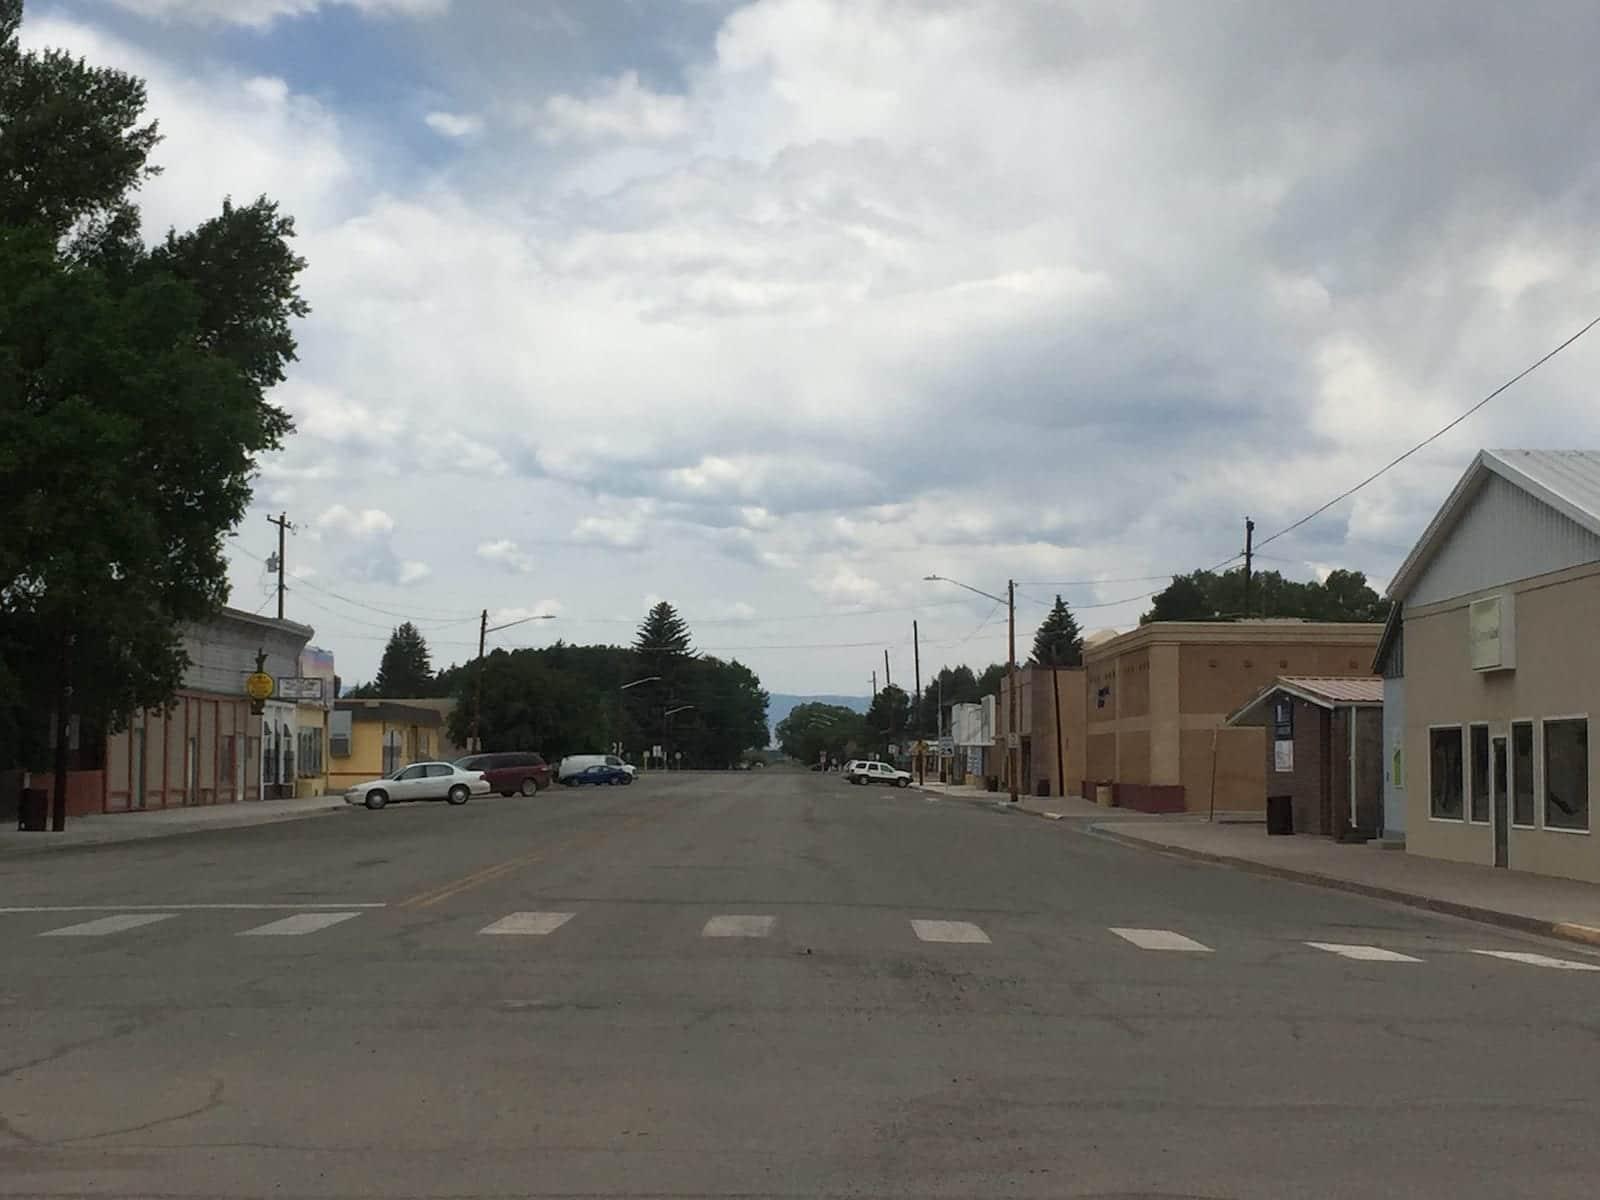 La Jara Colorado Downtown